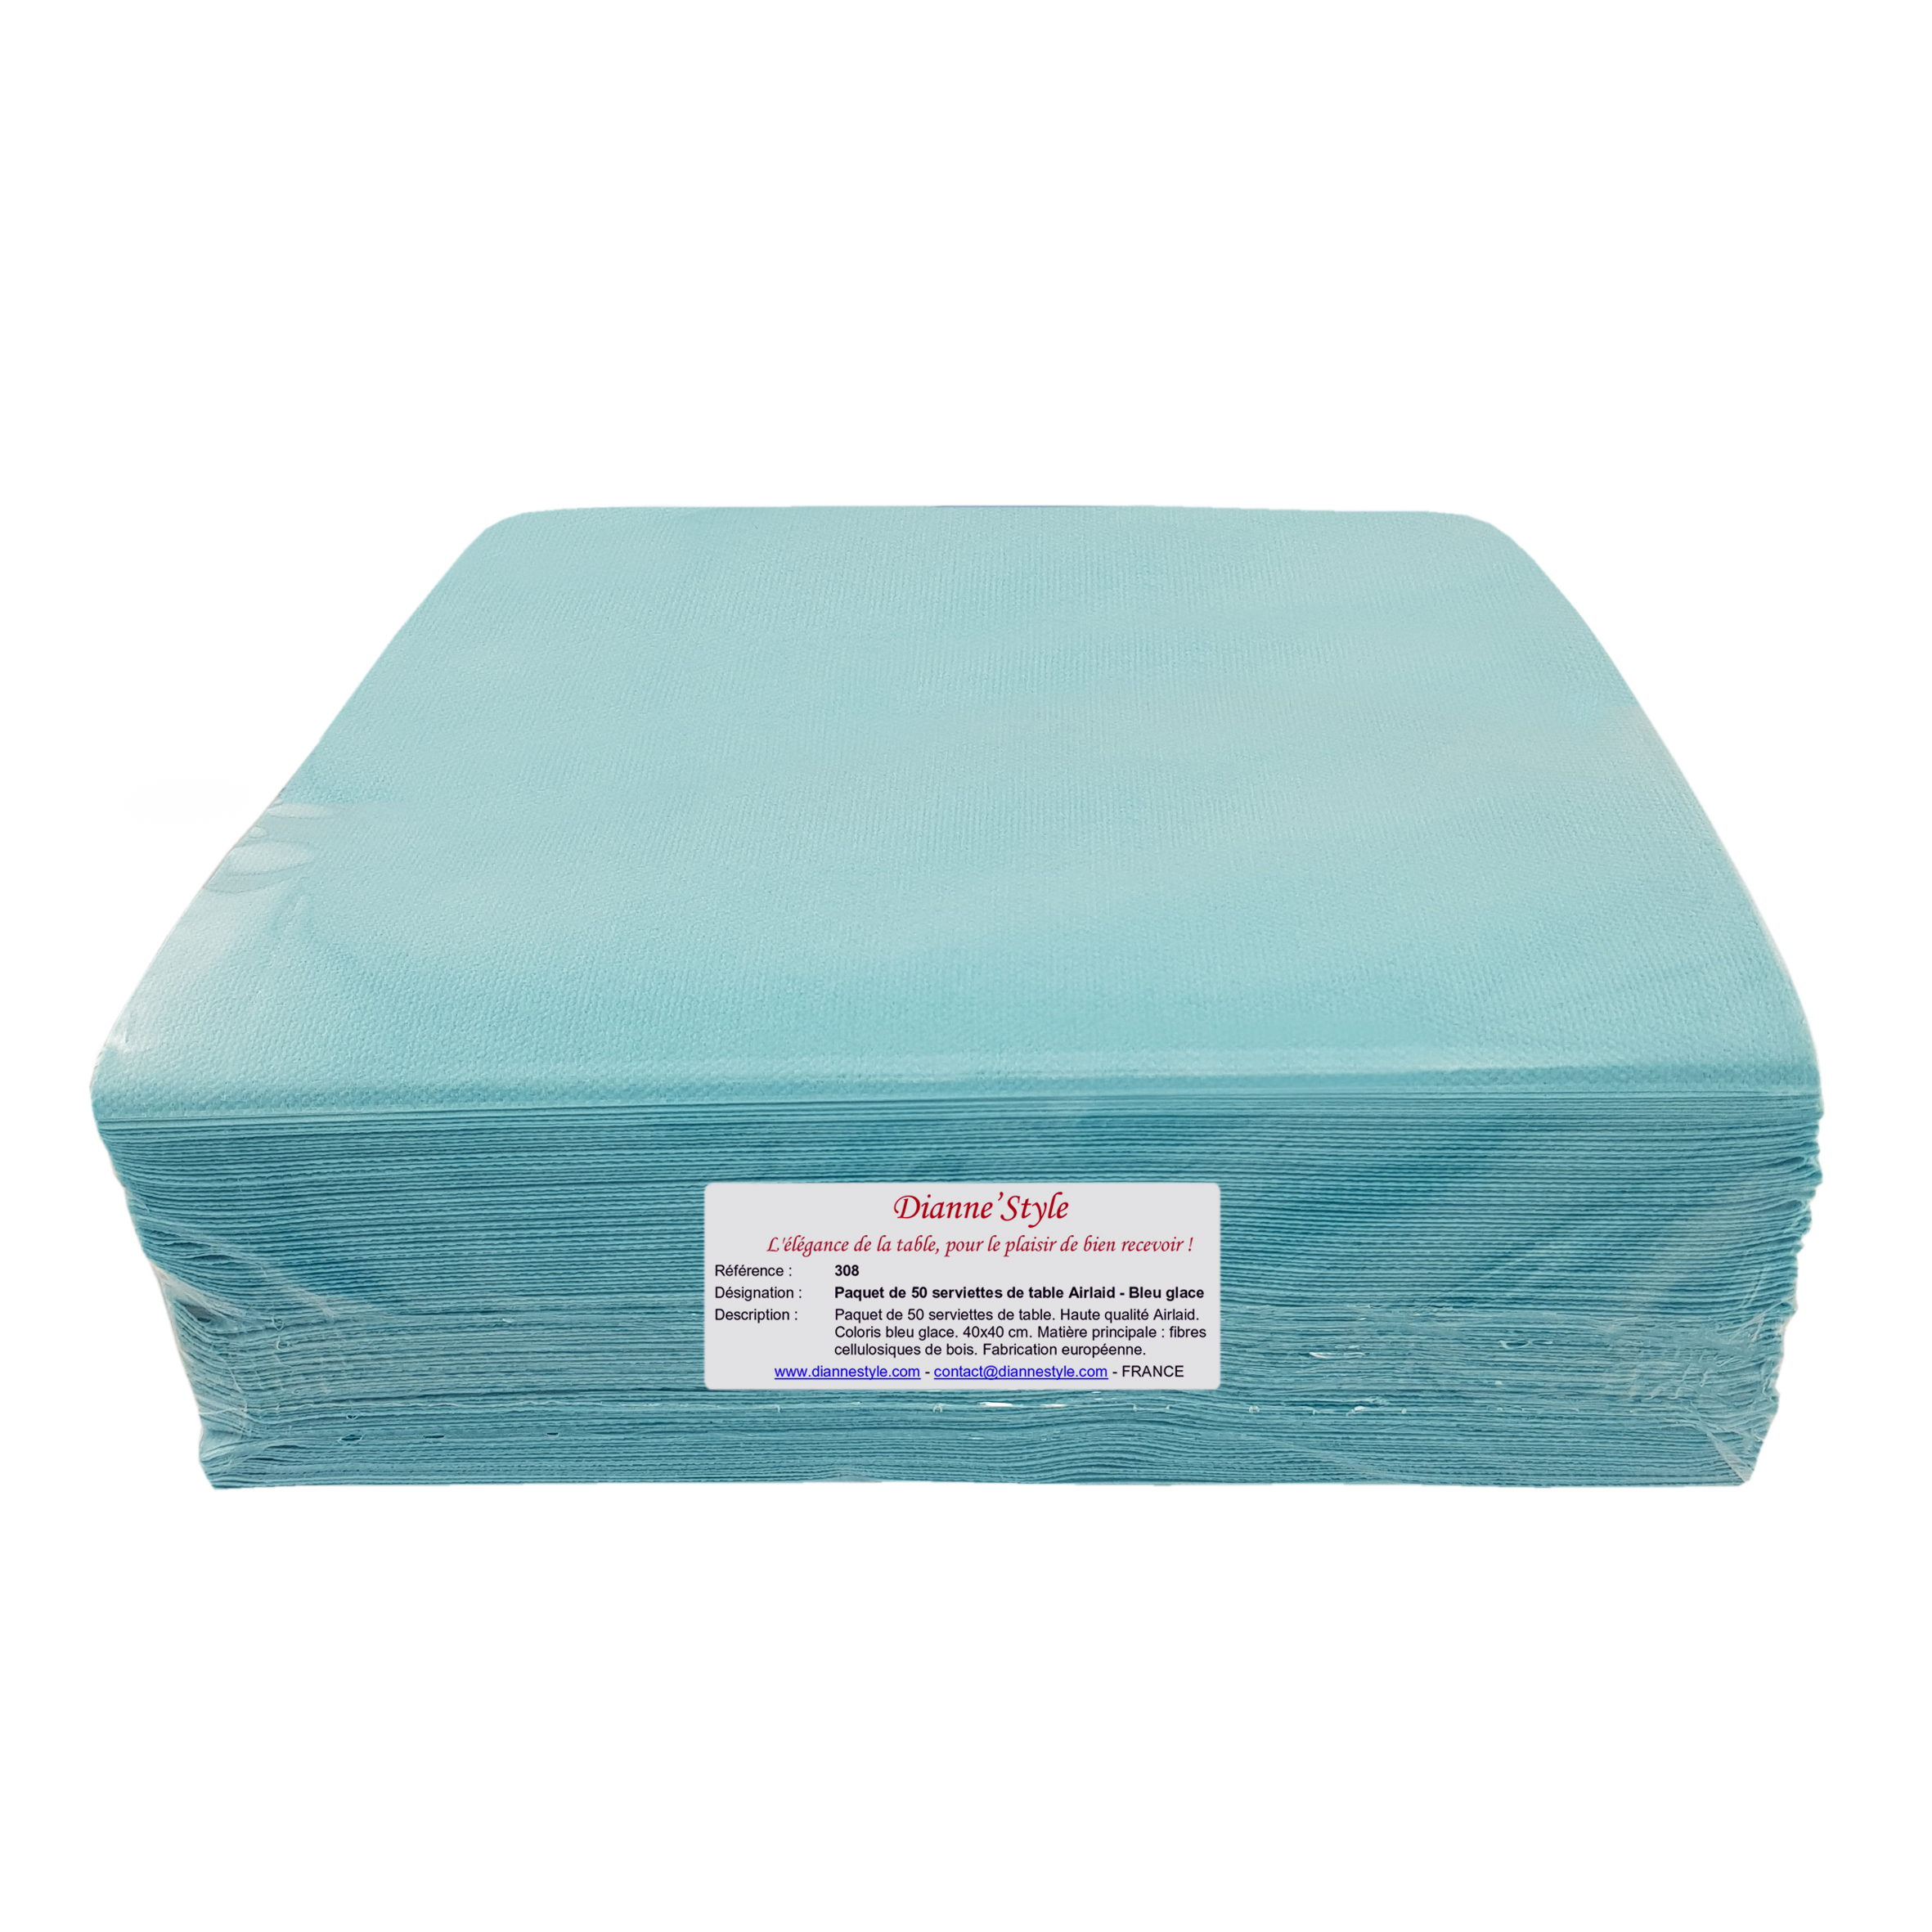 Paquet de 50 serviettes de table Airlaid - Bleu glace. Réf. 308